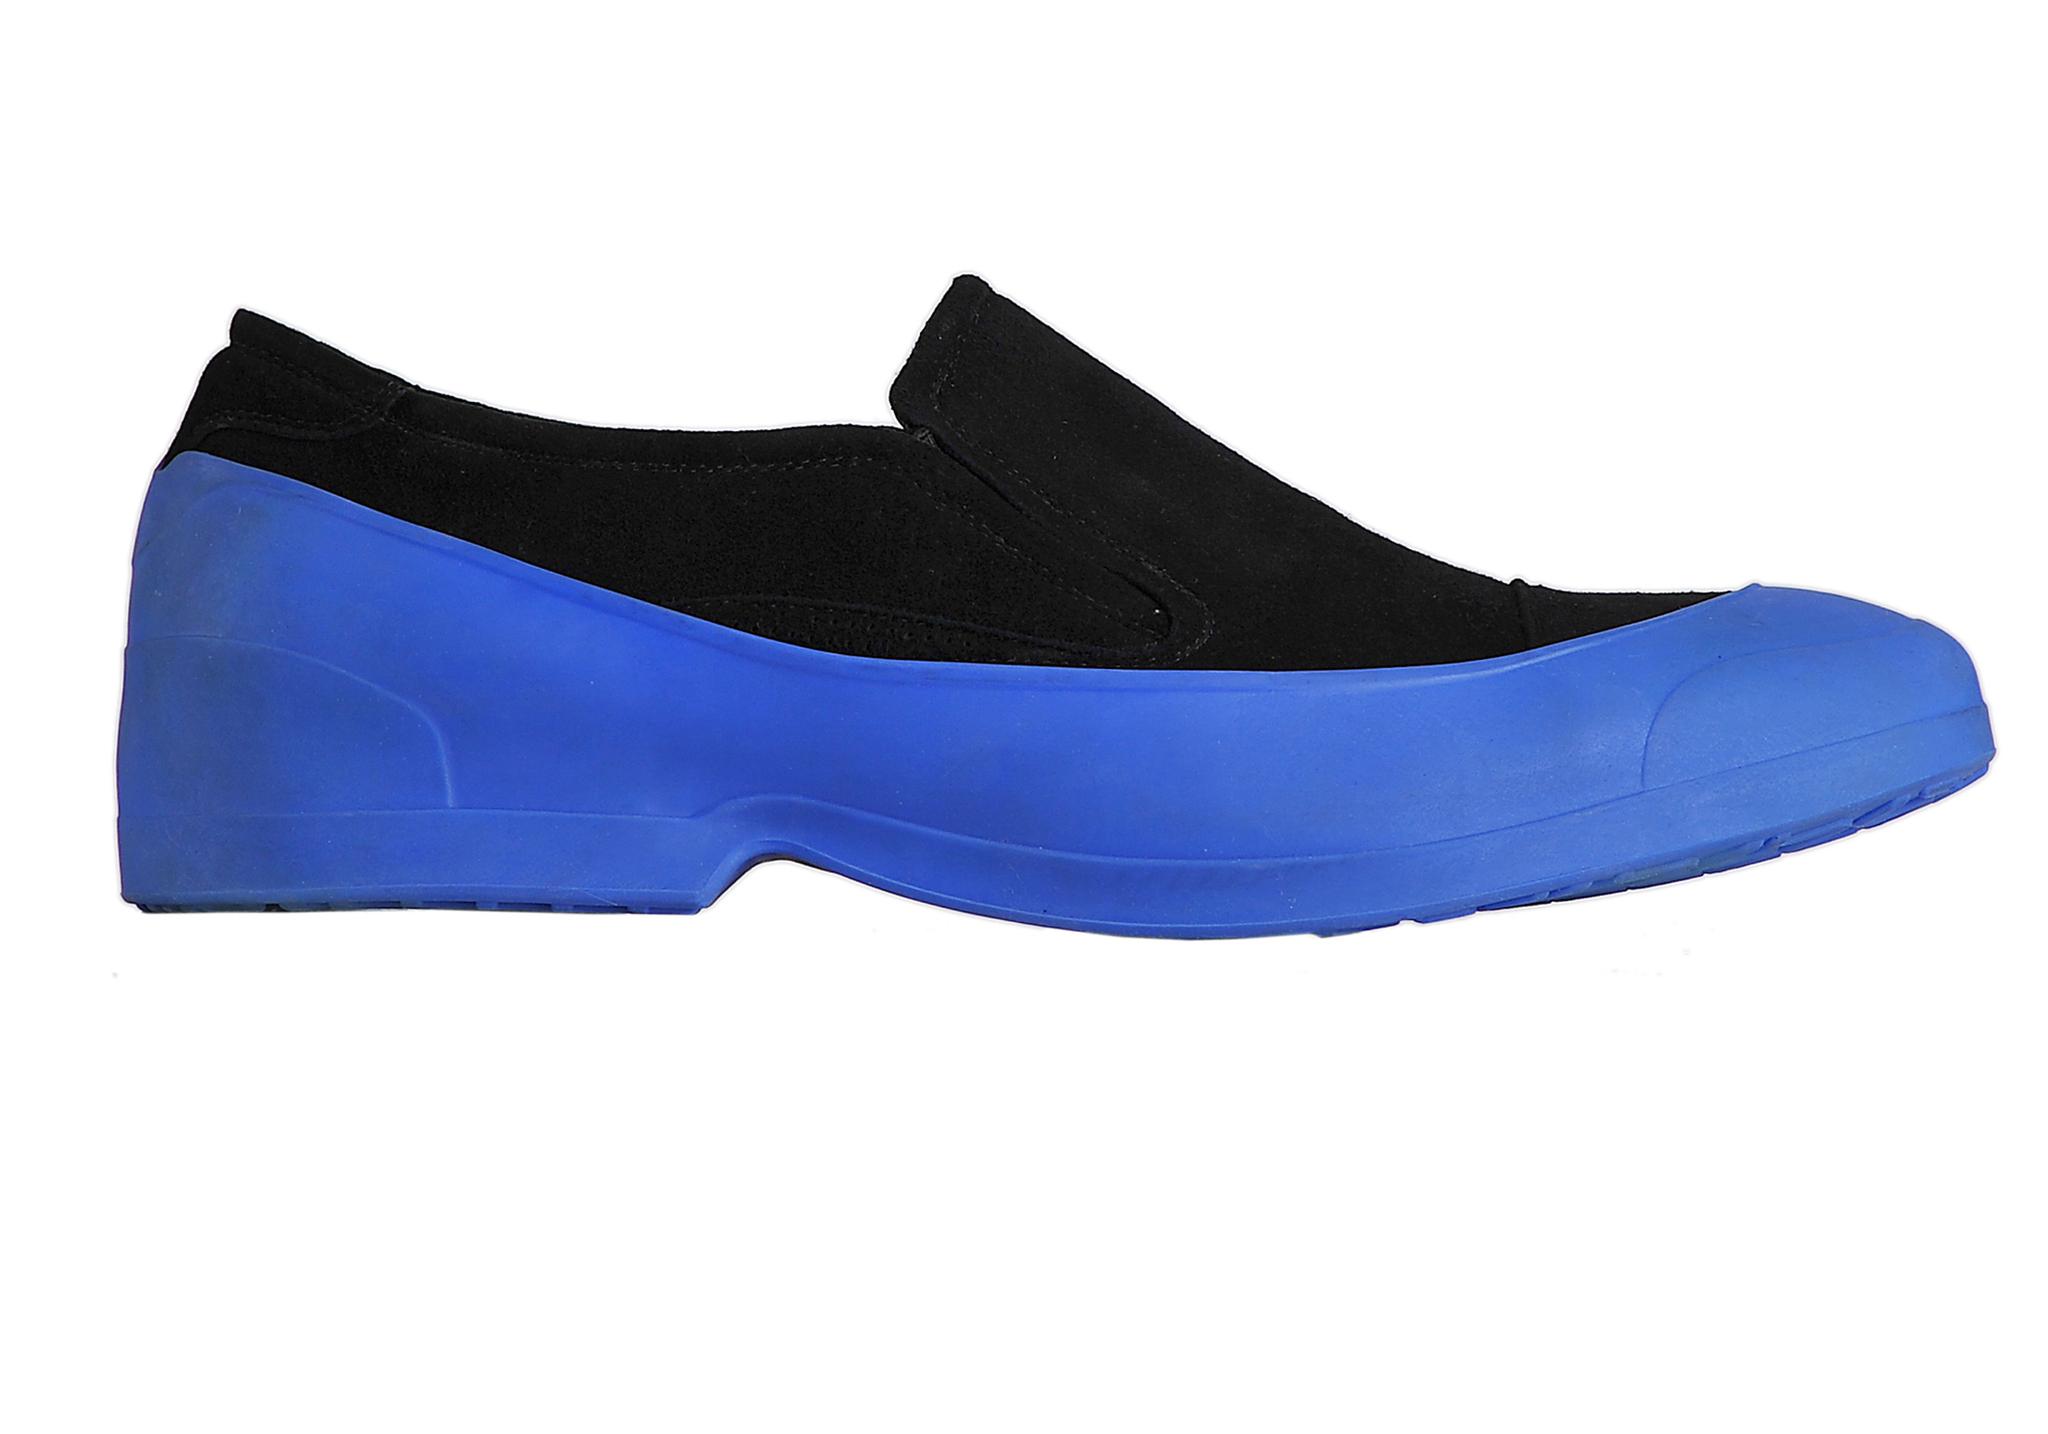 Галоши Мужские галоши открытого типа цвет синий DSC_9996.jpg